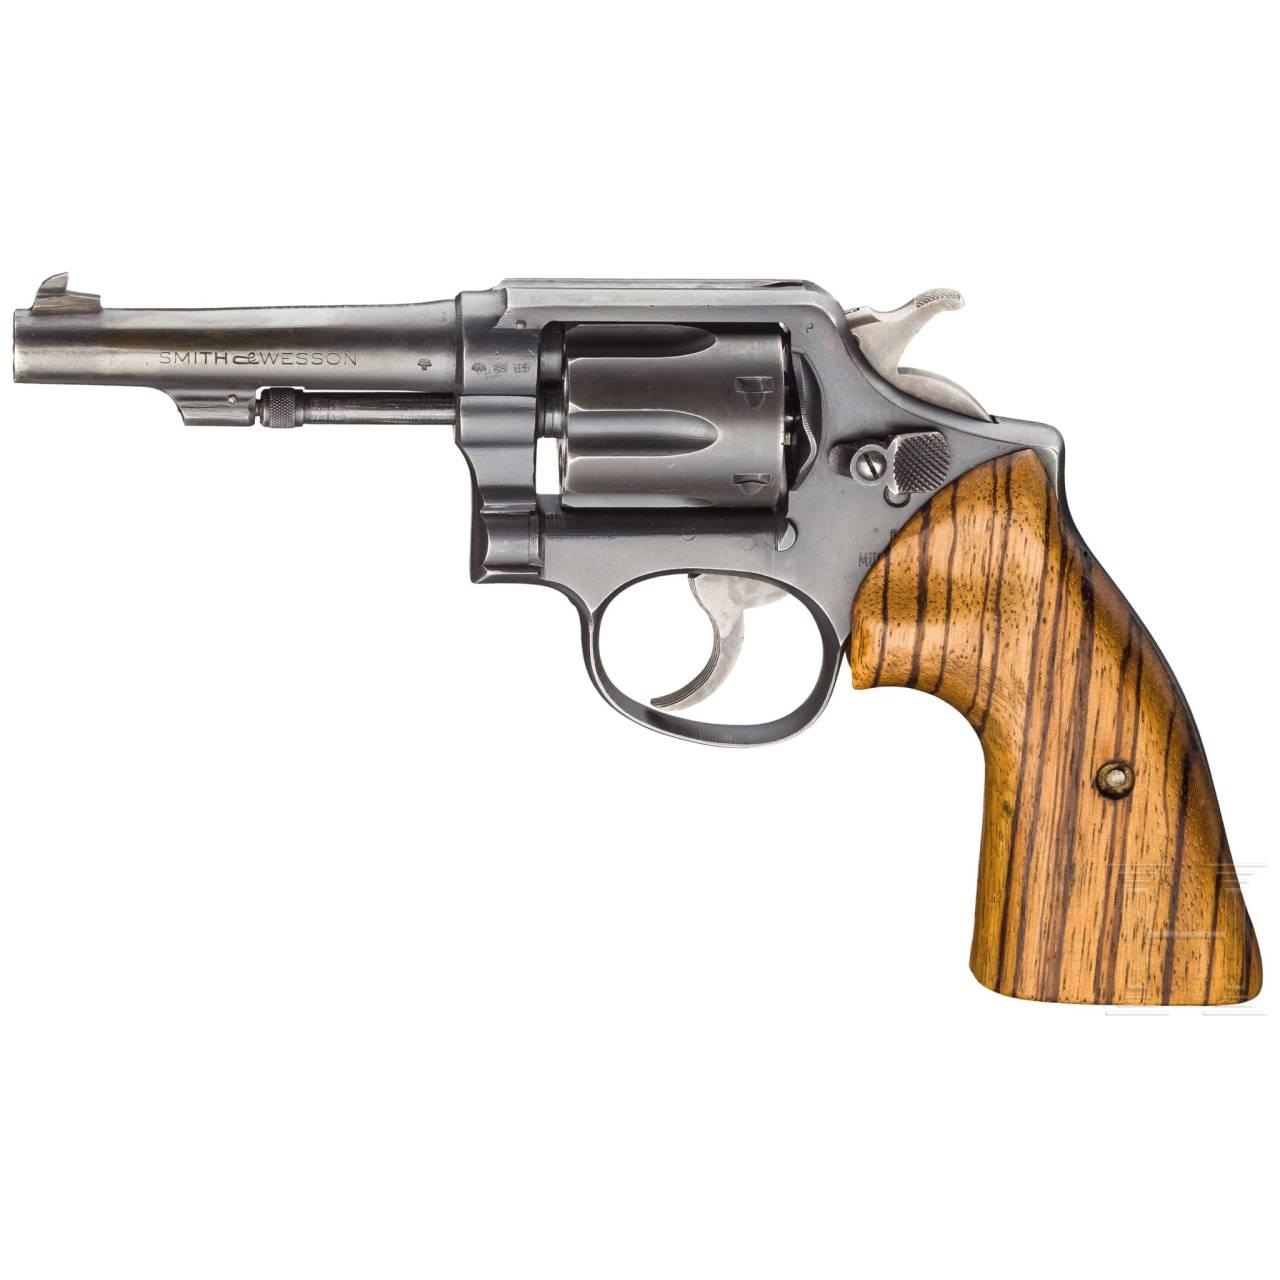 Smith & Wesson M & P, mit Tasche, Polizei Bayern